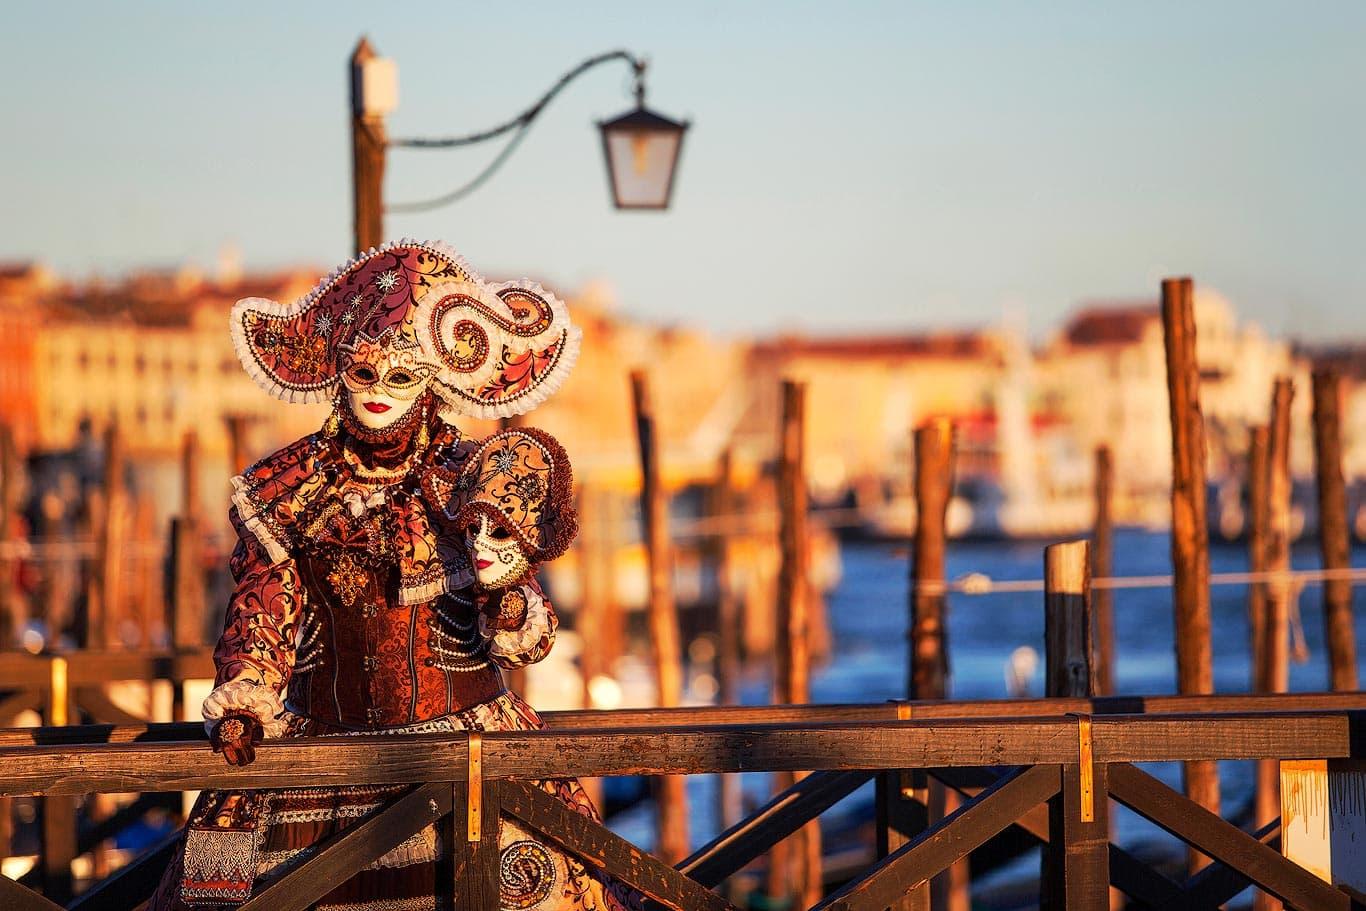 Venetian carnival mask in Venice, Italy